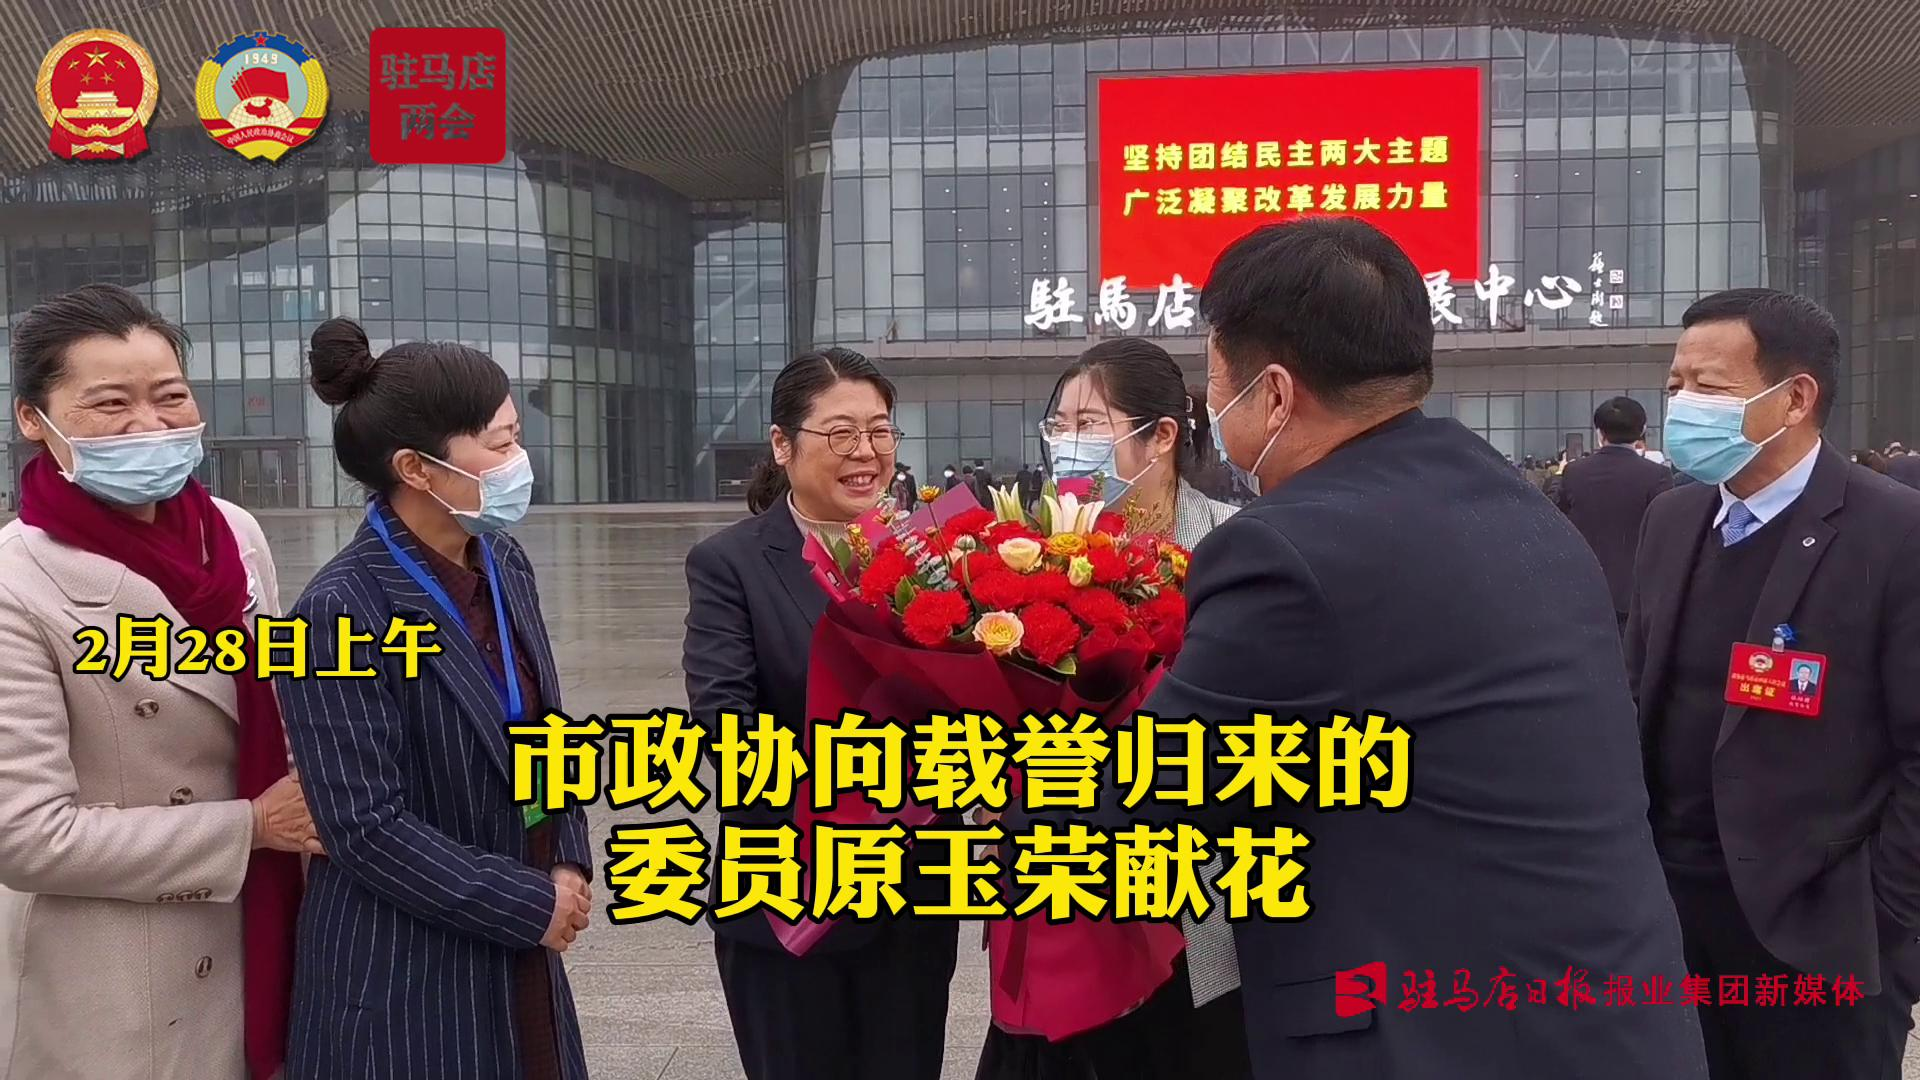 2月28日上午,市政協向載譽歸來的委員原玉榮獻花